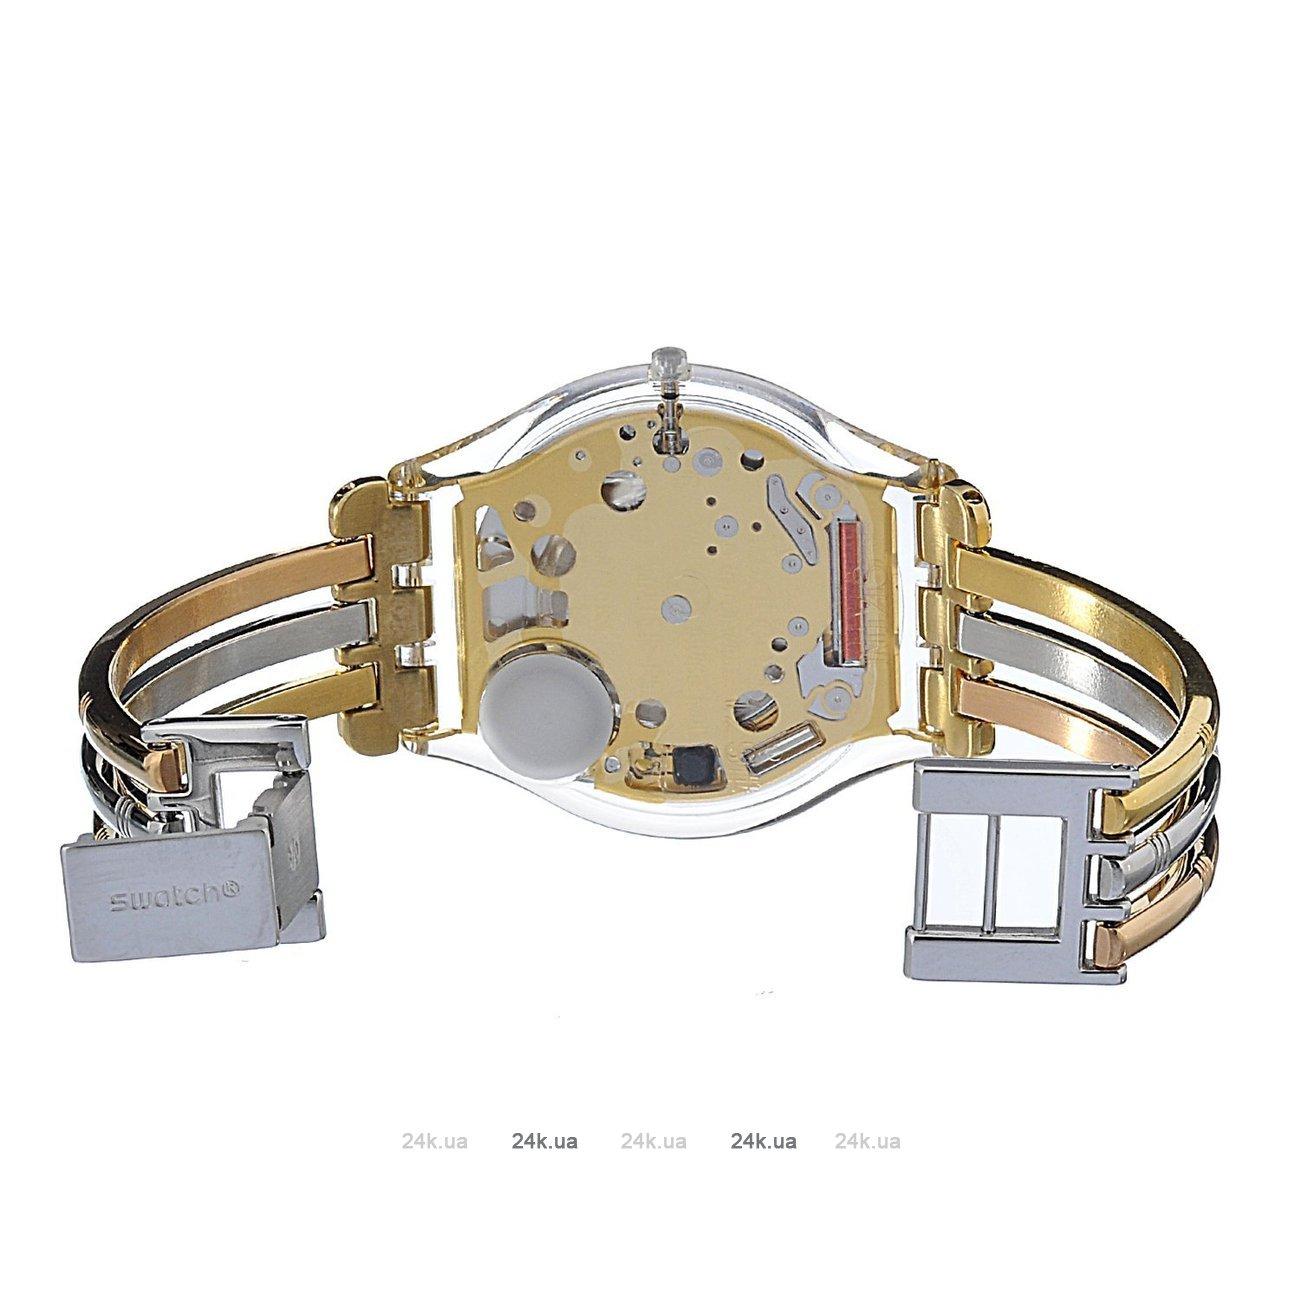 Часы патек филипп женские